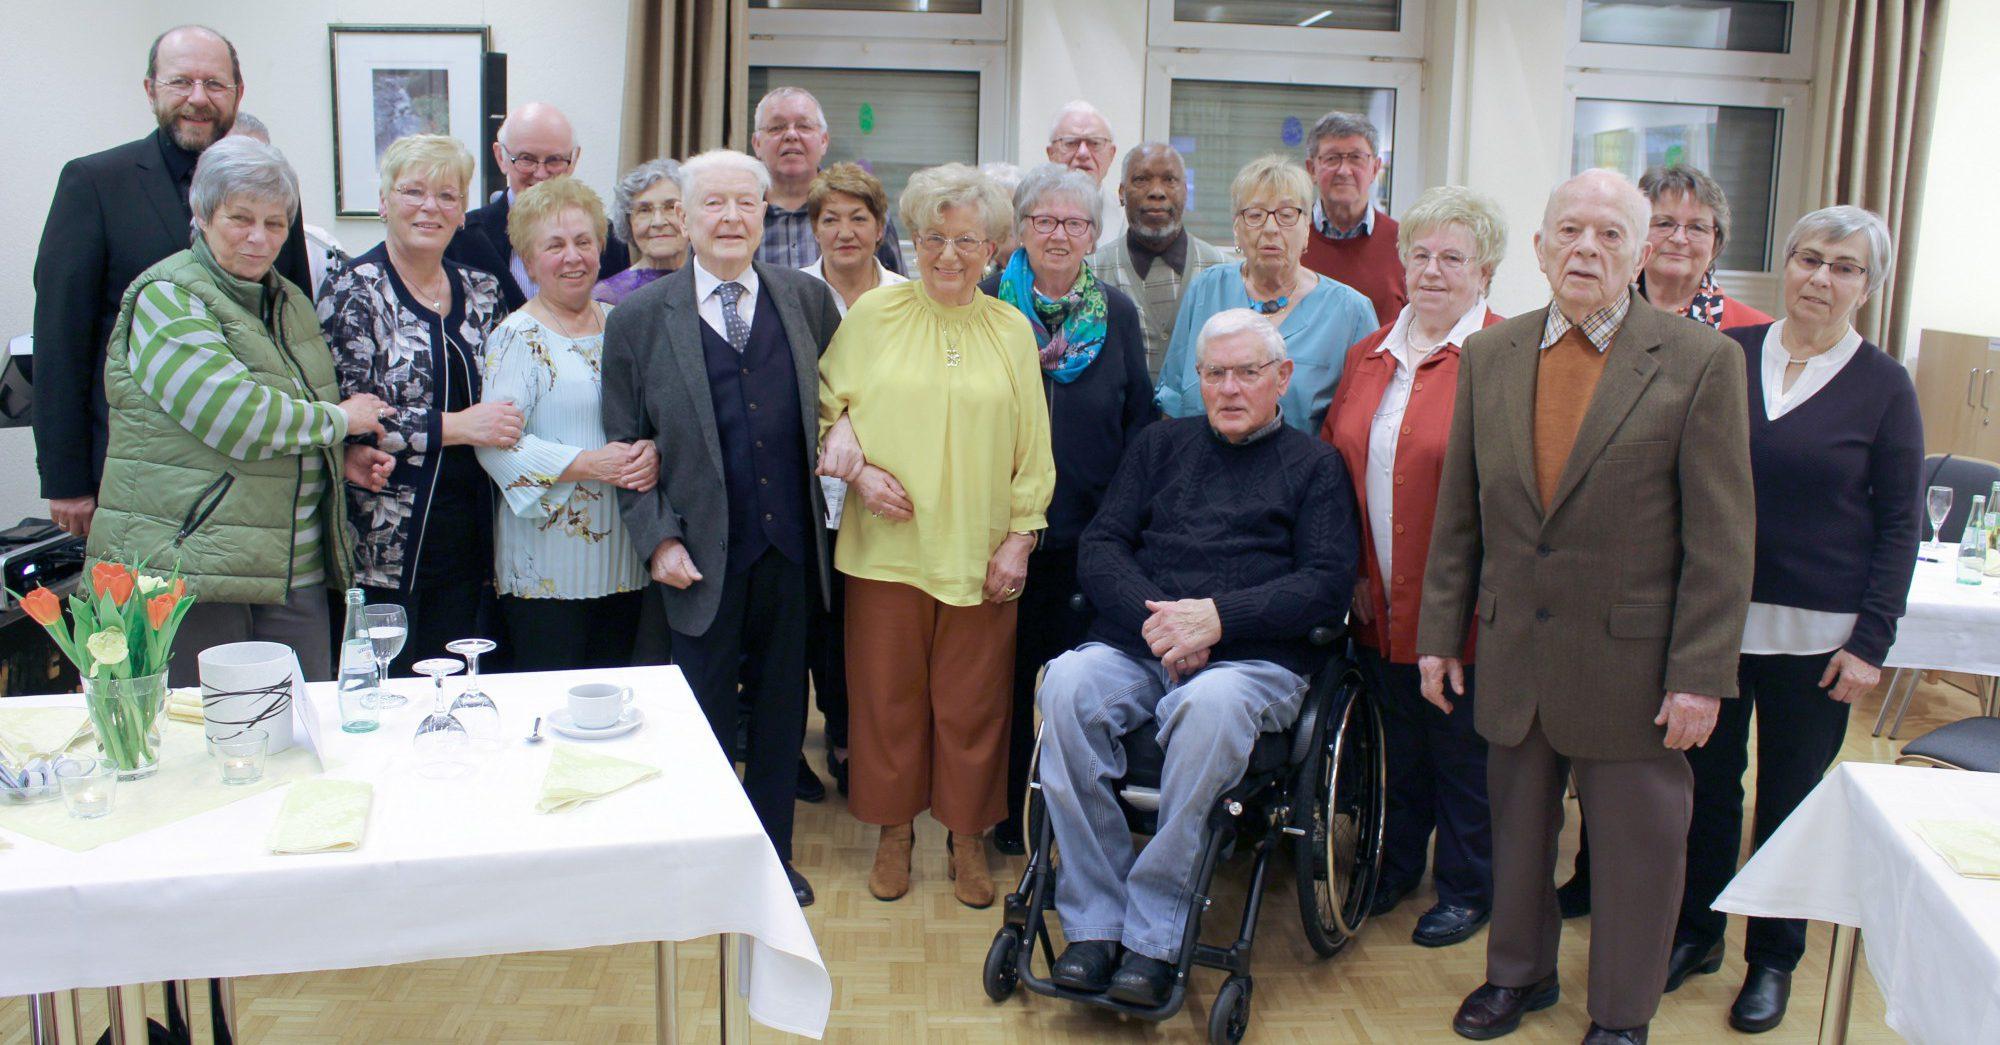 Der Trägerverein hatte am Samstag die in den Monaten Januar und Februar geborenen Mitglieder zur Geburtstagsnachfeier in die Begegnungsstätte eingeladen. Foto: privat)